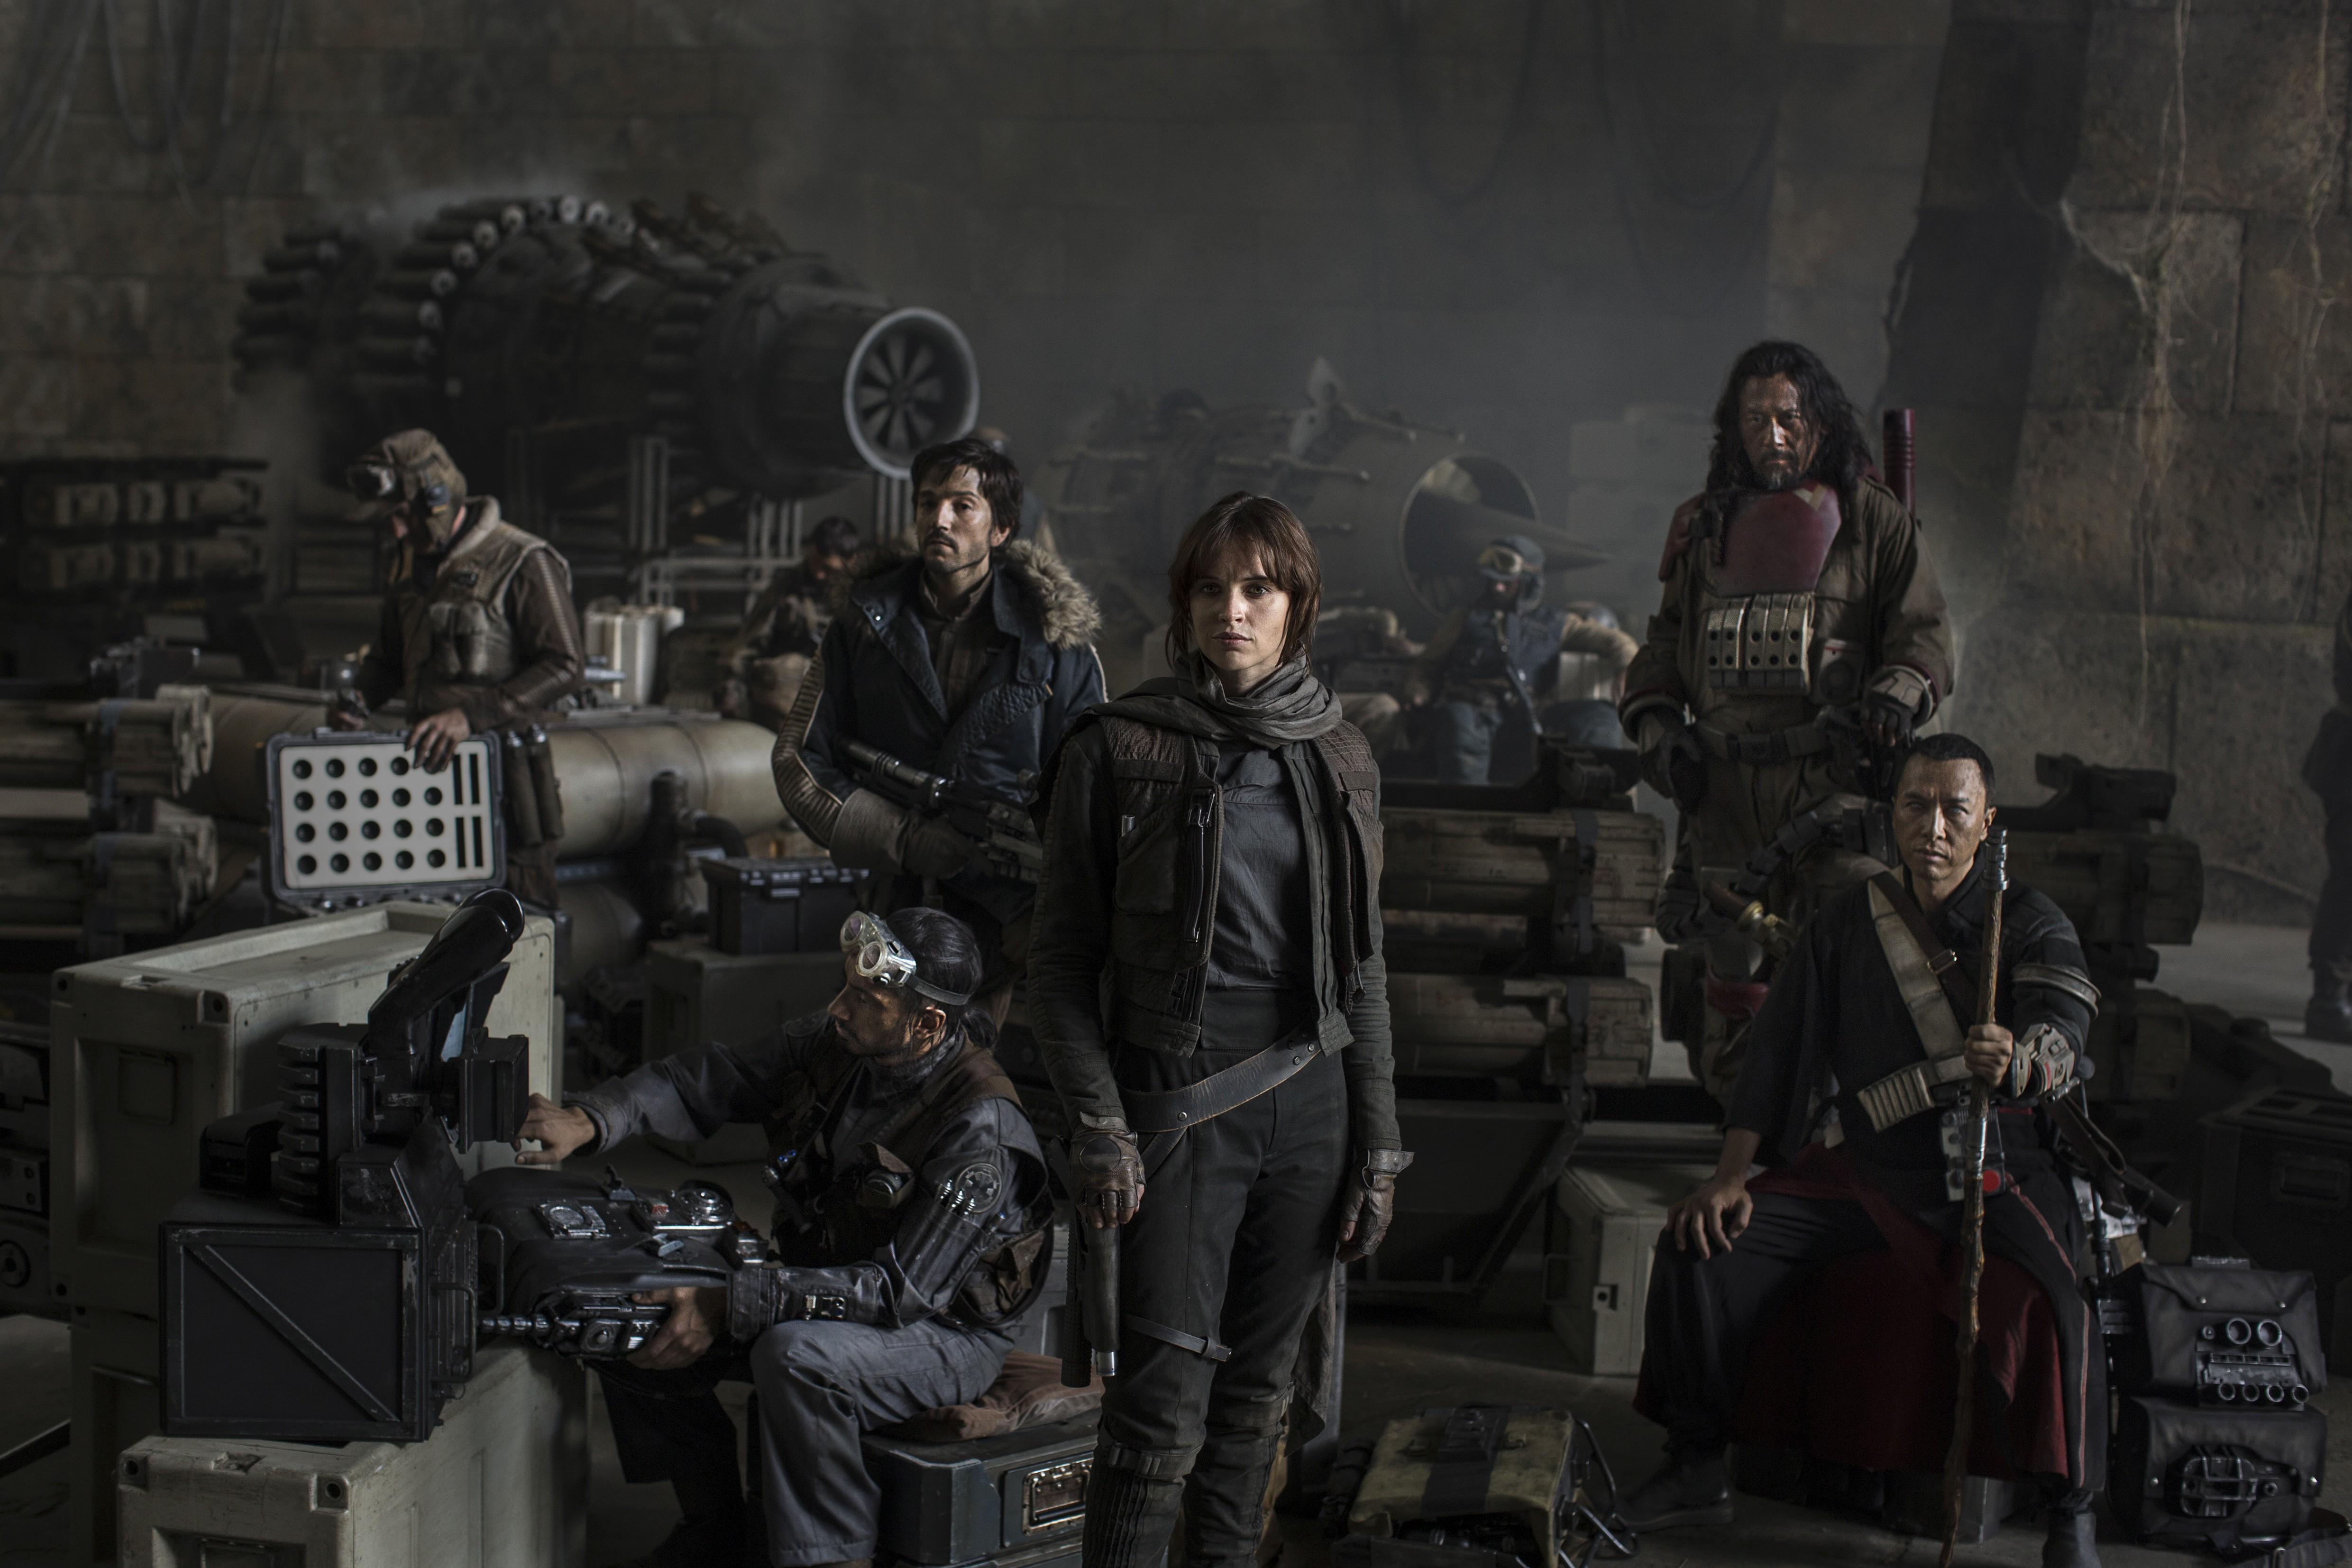 تصویر جدیدی از فیلم